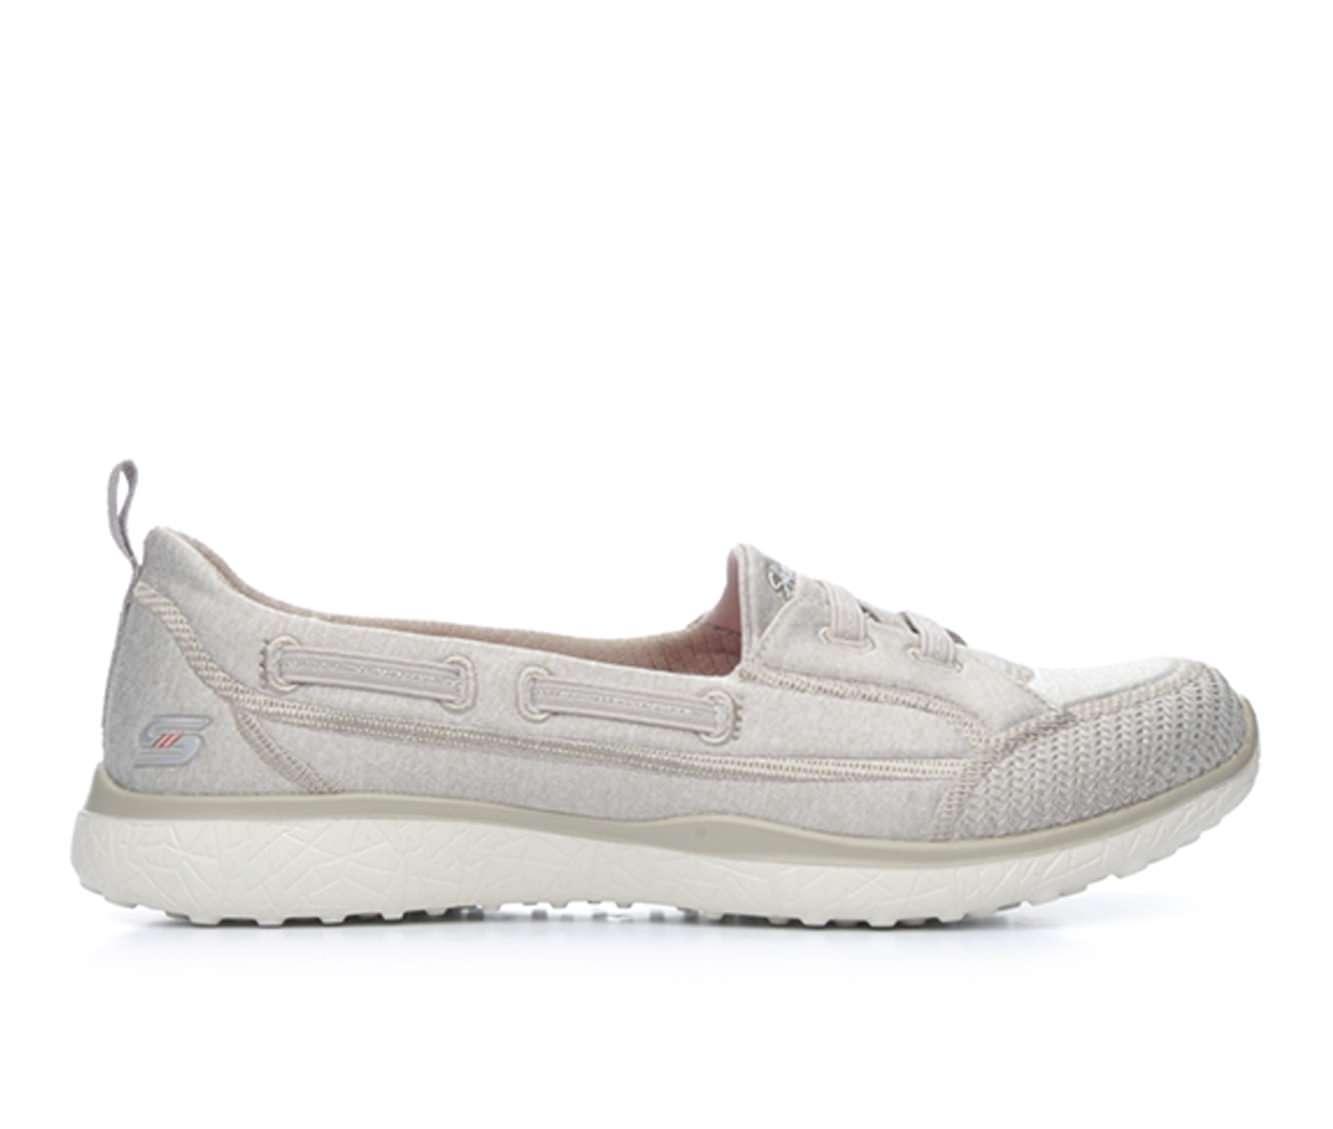 Skechers Denim Topnotch 23317 Shoe - Lyst